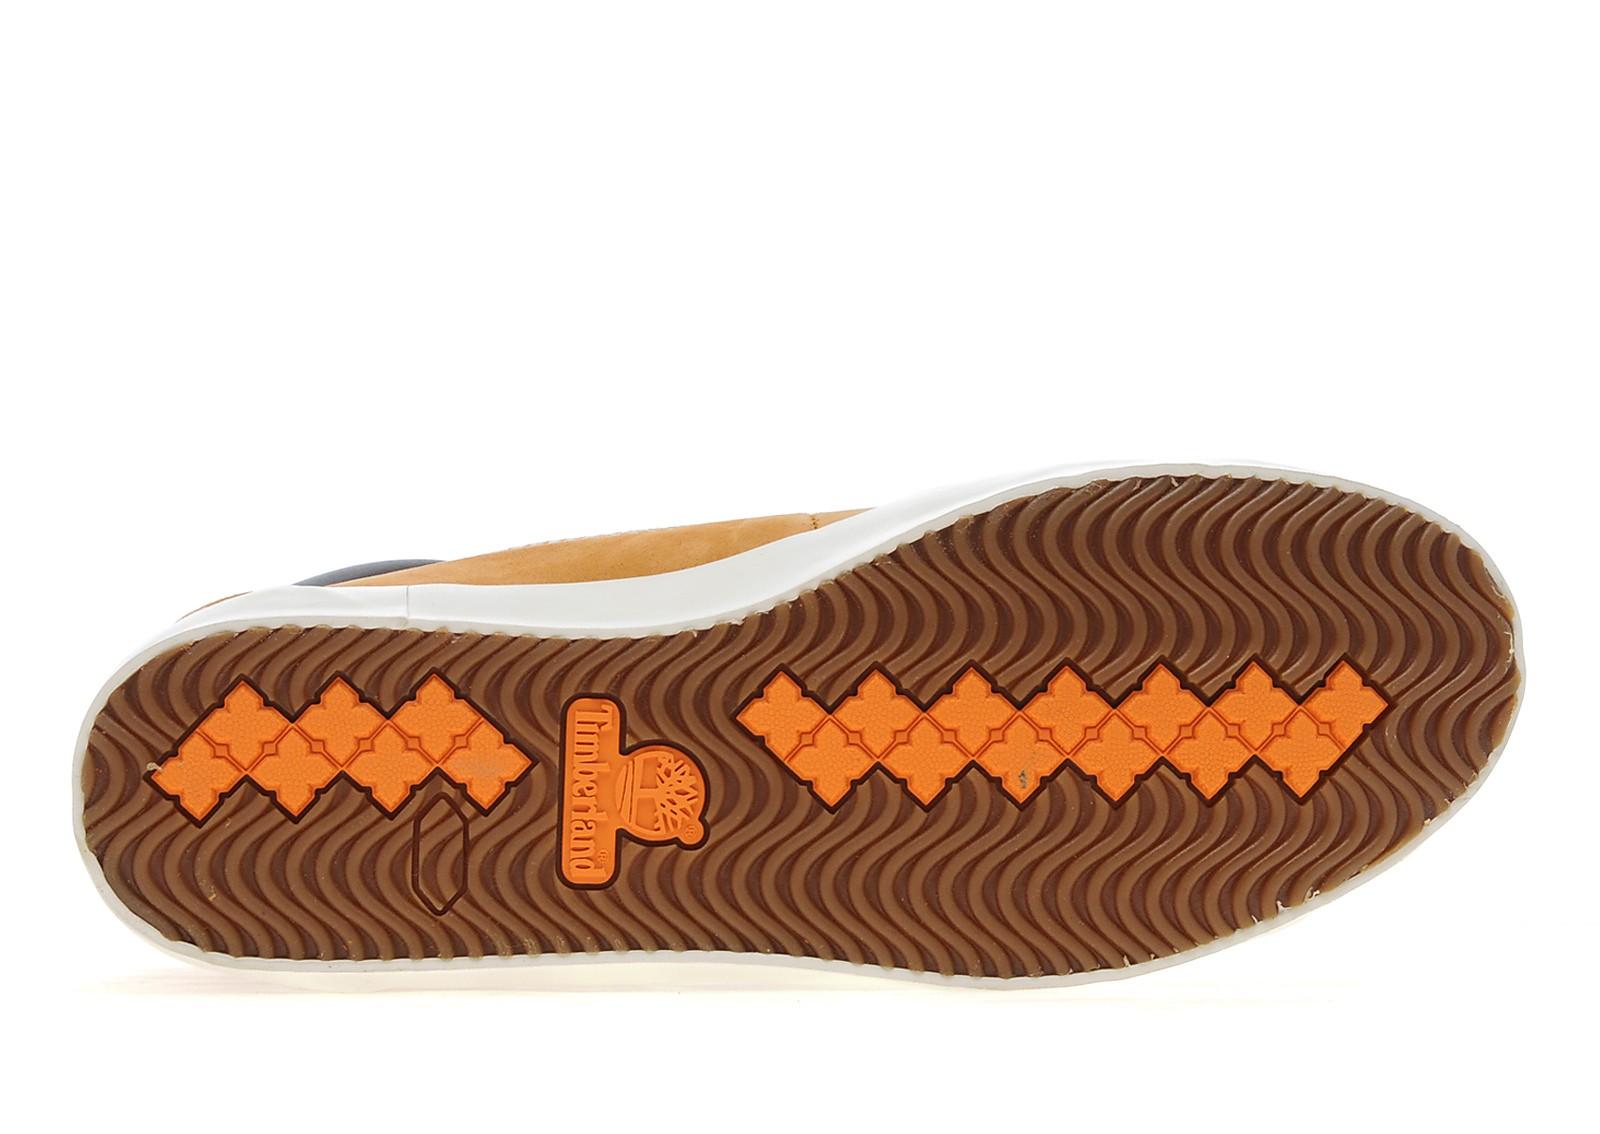 Timberland Glastenbury-laarzen voor vrouwen van 15 cm met cupzool